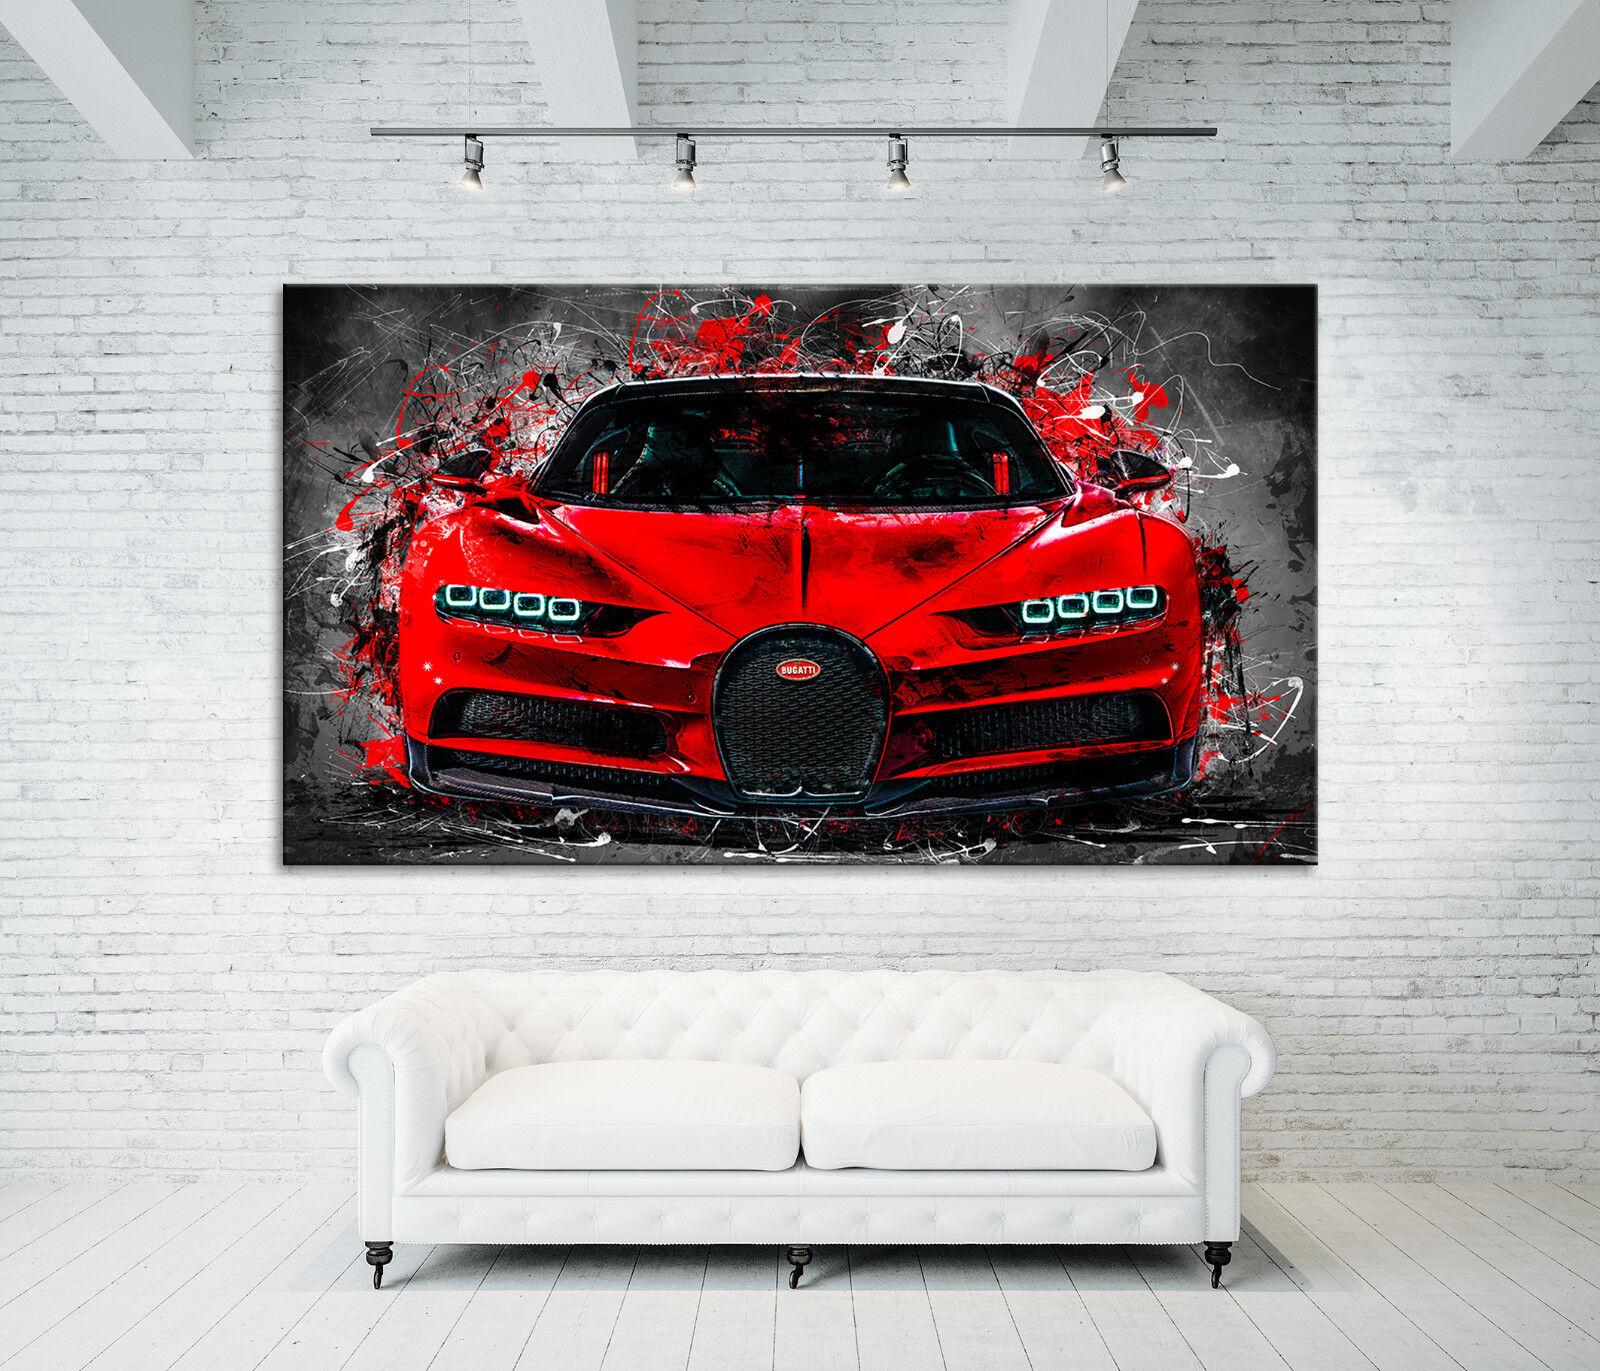 Toile Image Bugatti Veyron Modern Voiture Modern Veyron Abstrait Poster XXL la fresque 0e0bdb